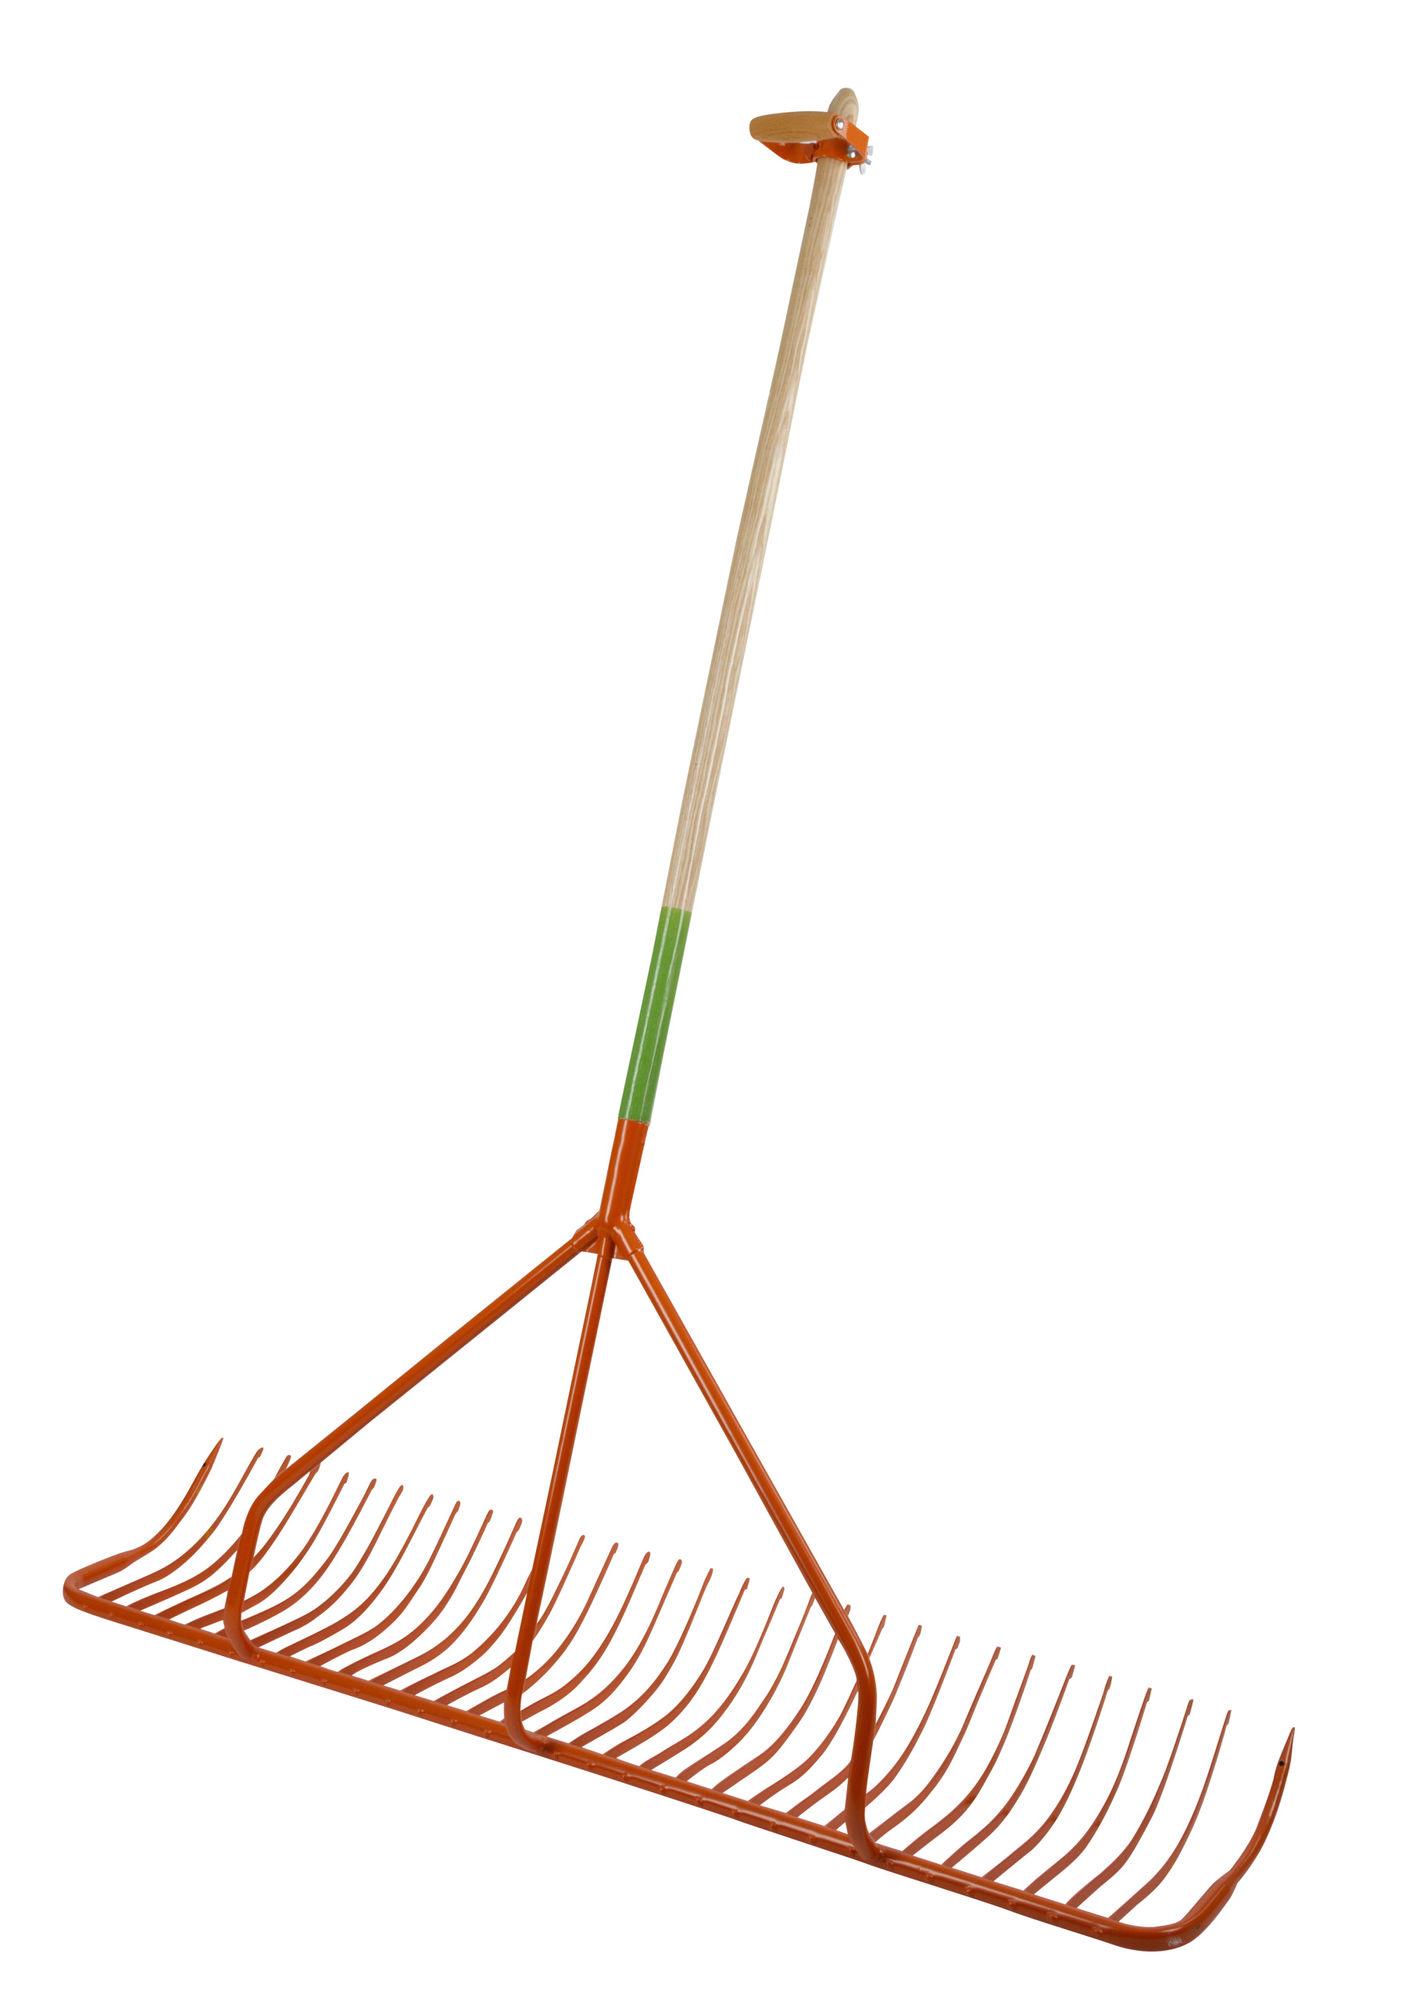 Handschlepprechen mit  Außenzinken und Stiel, 131 cm